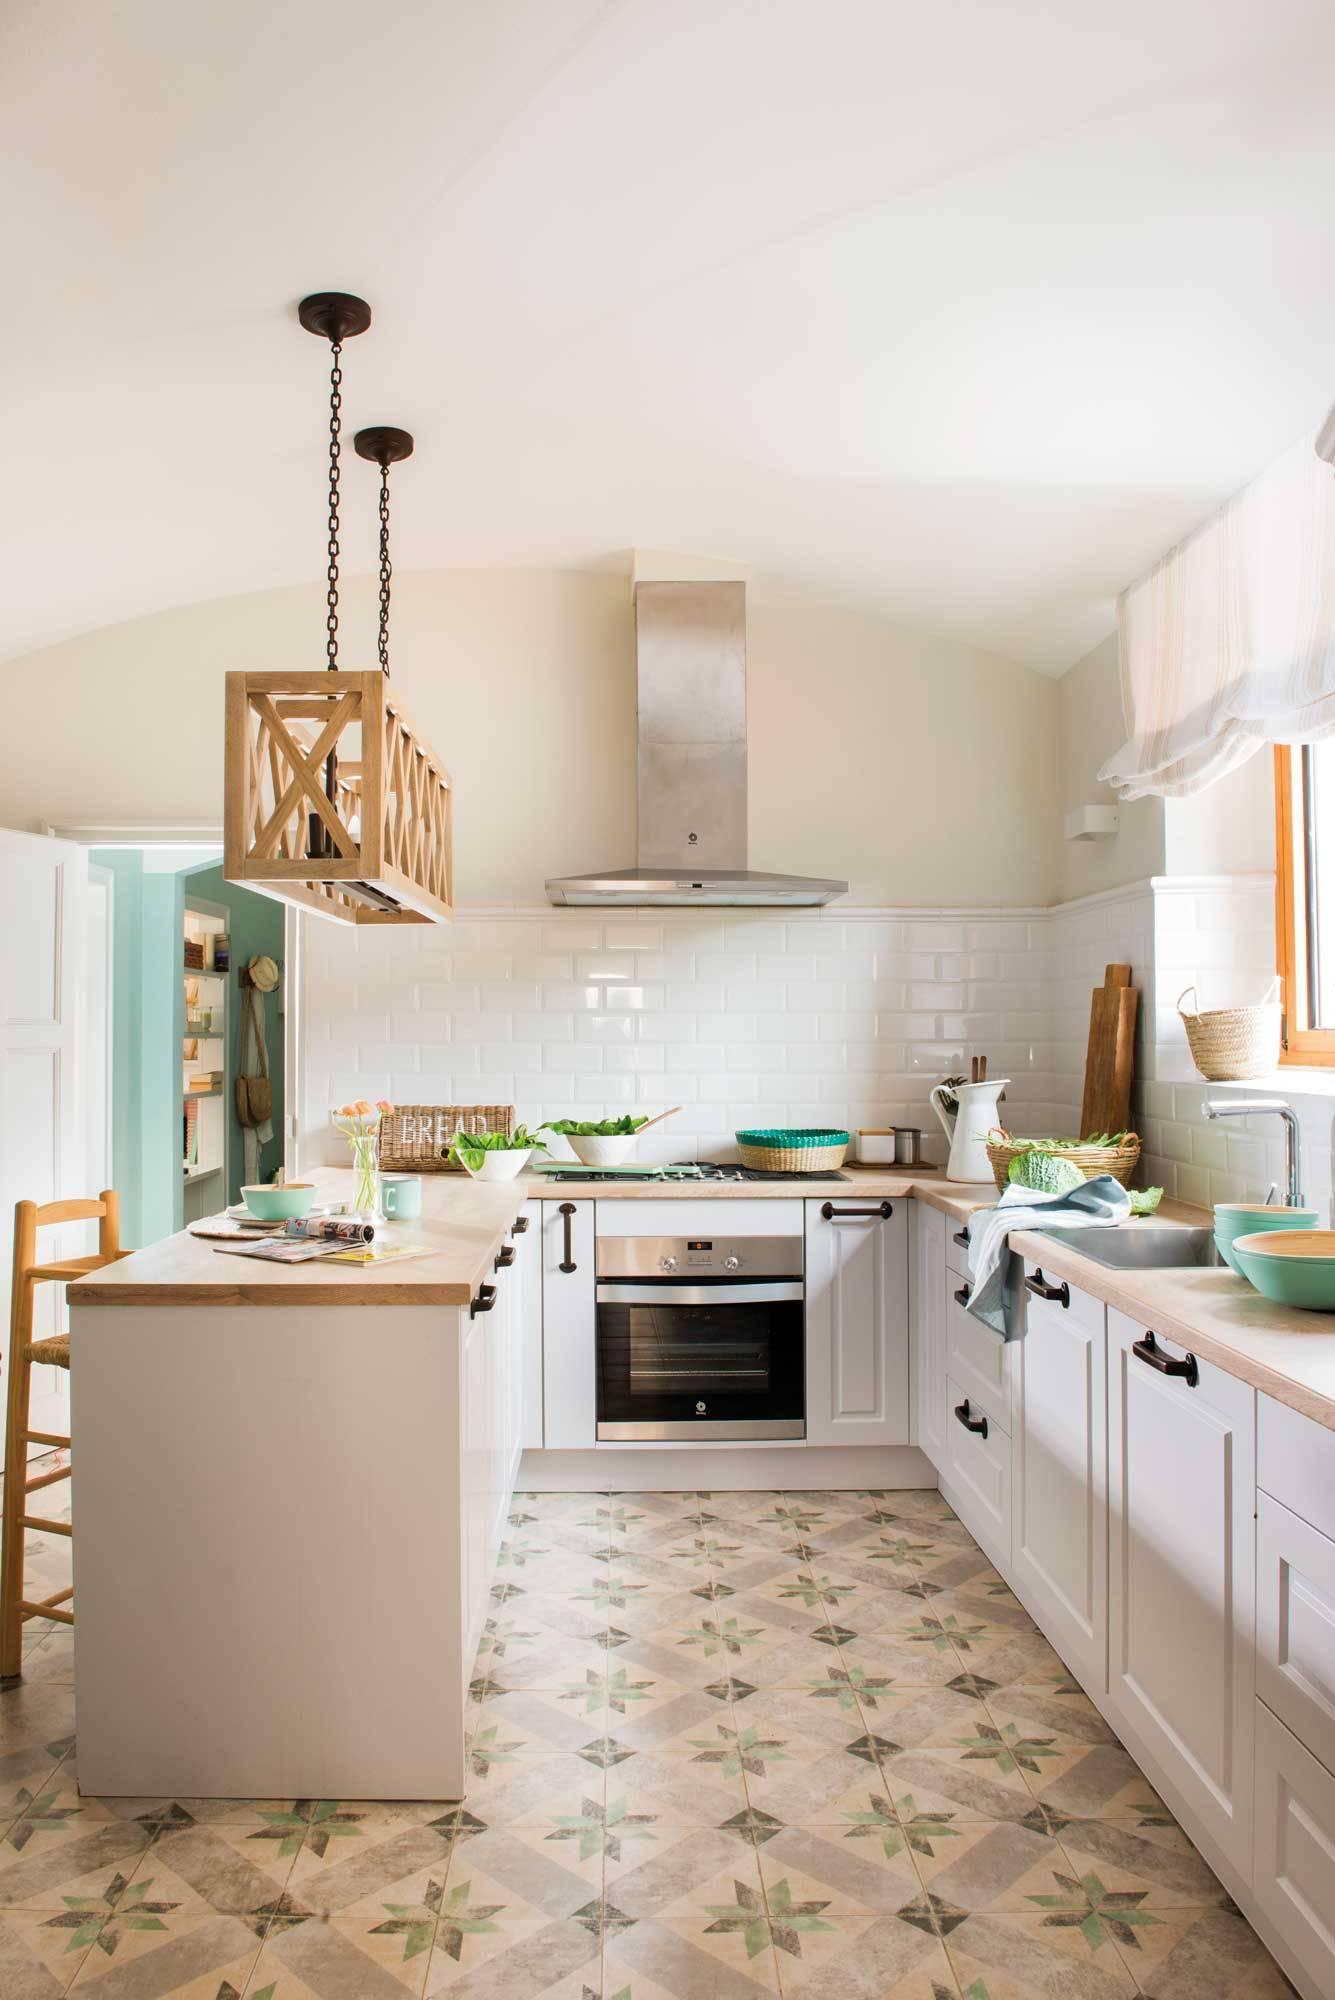 1172 Fotos de Muebles de cocina